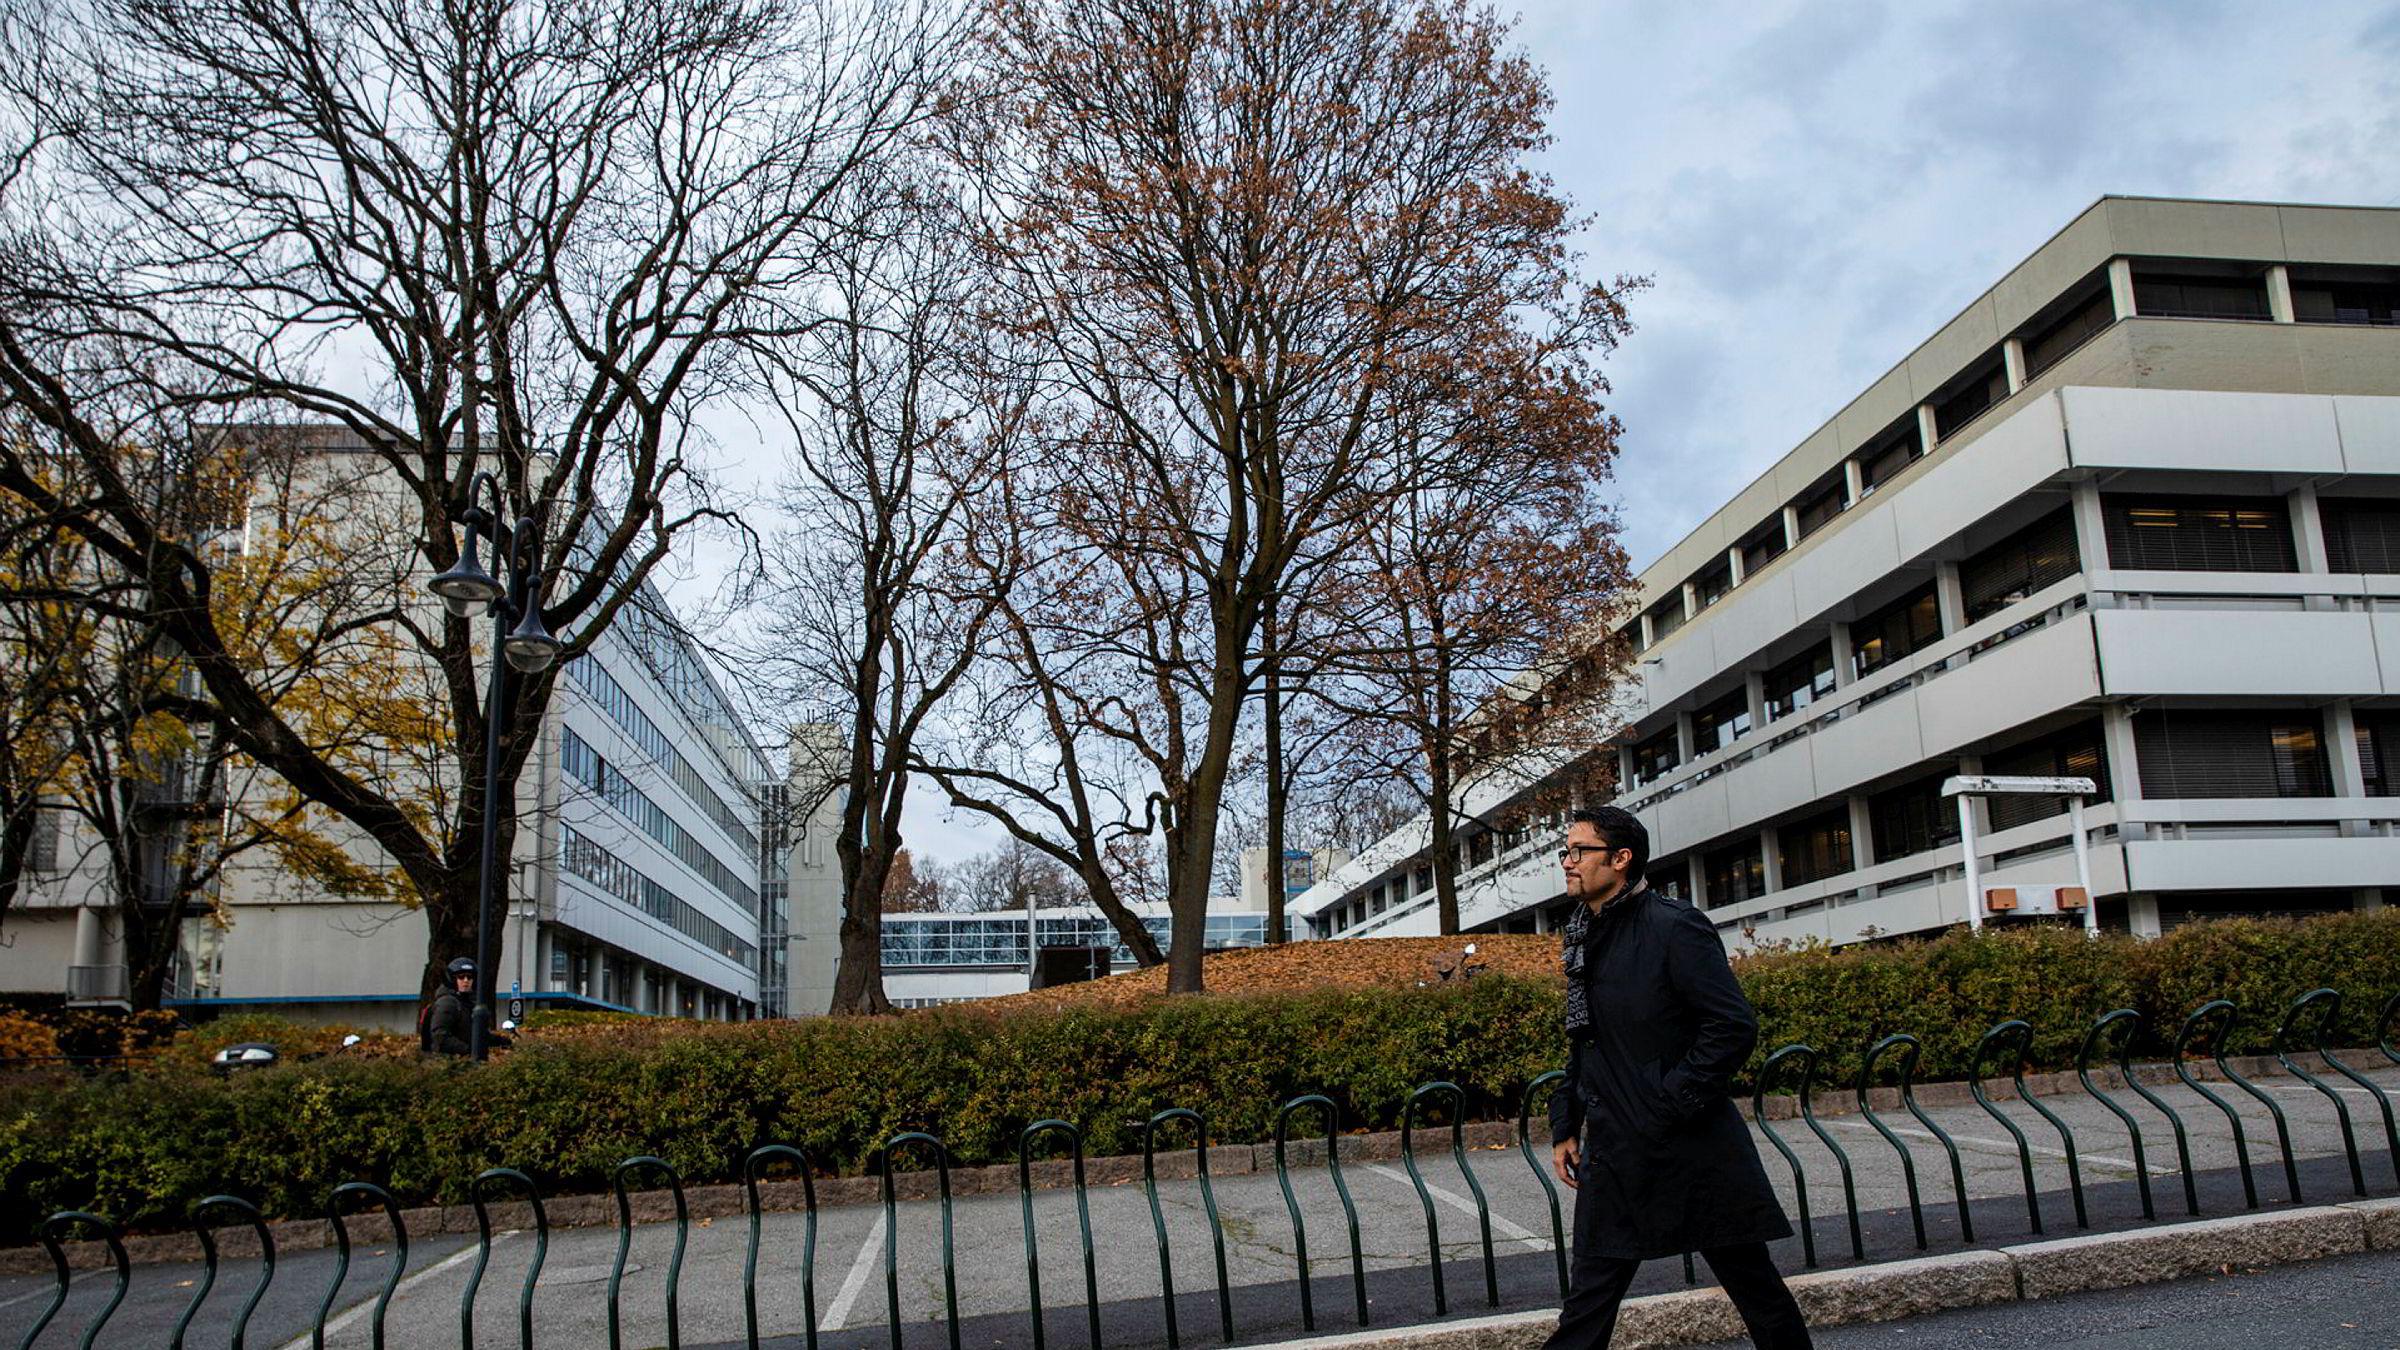 Oslo-byrådets planer om en «tredje boligsektor» er både ambisiøse og nødvendige, skriver Obos-sjef Daniel Kjørberg Siraj i innlegget.